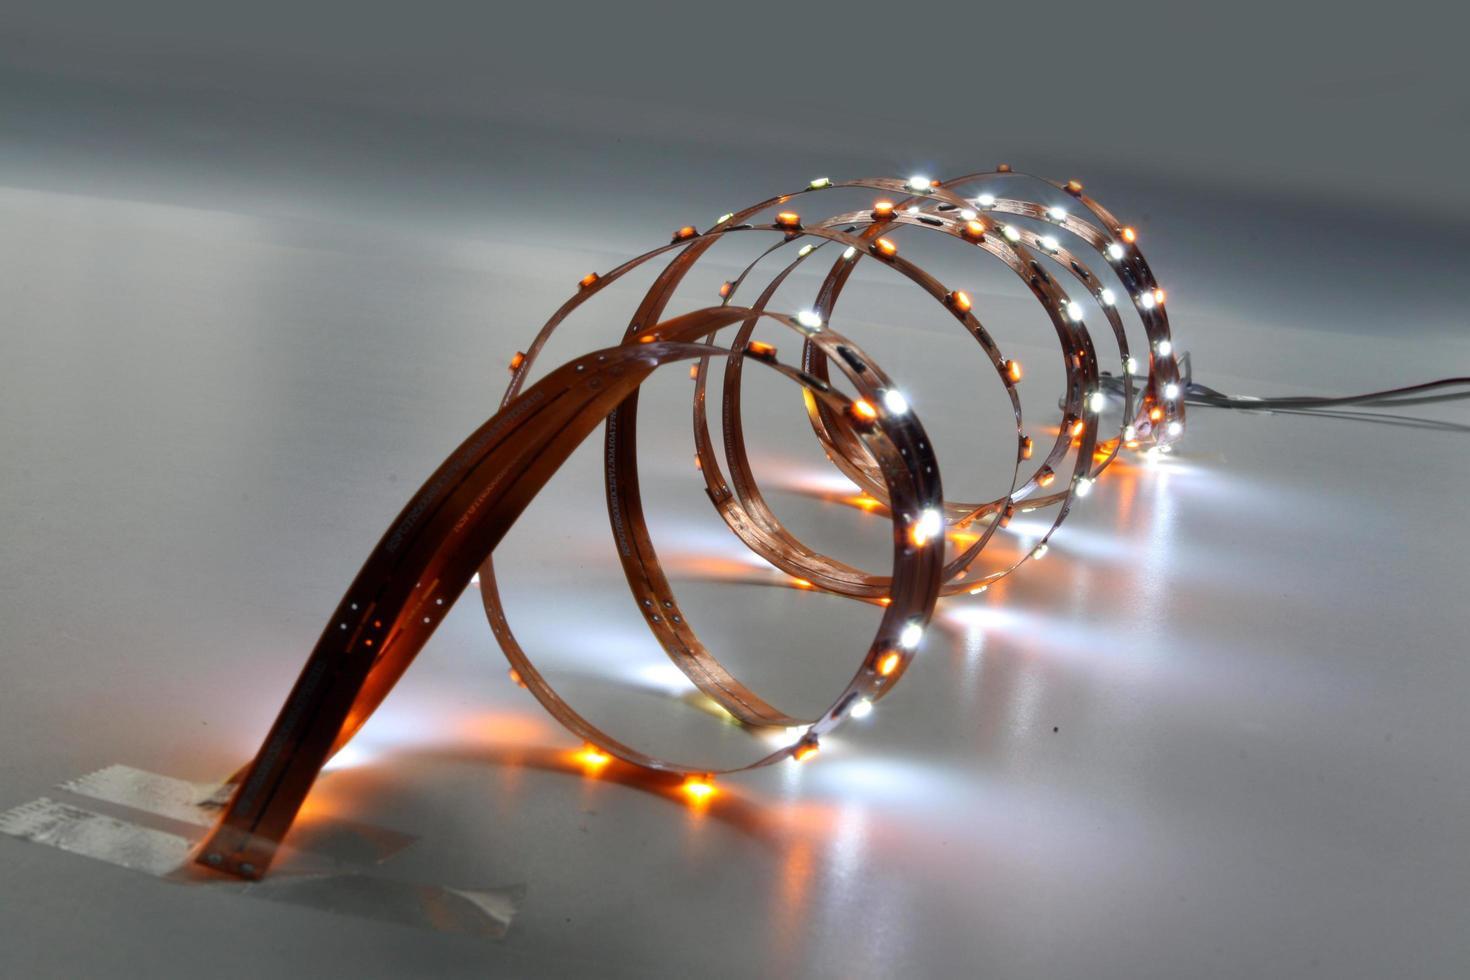 LED -armaturer i olika färger för dekorativ belysning foto